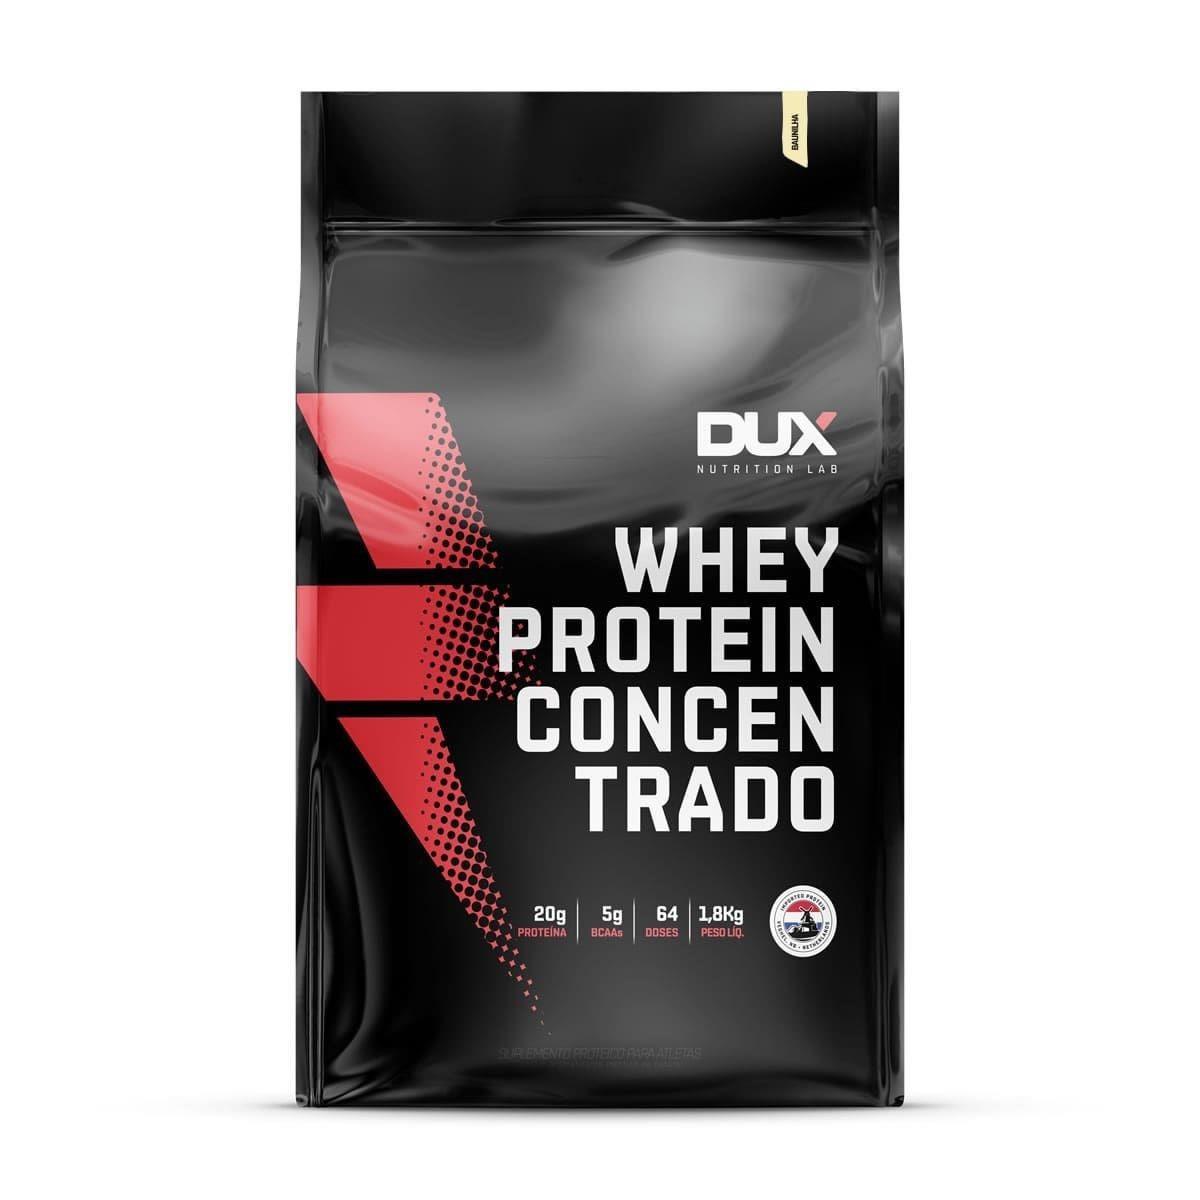 Whey Protein Concentrado (1800g) Baunilha DUX